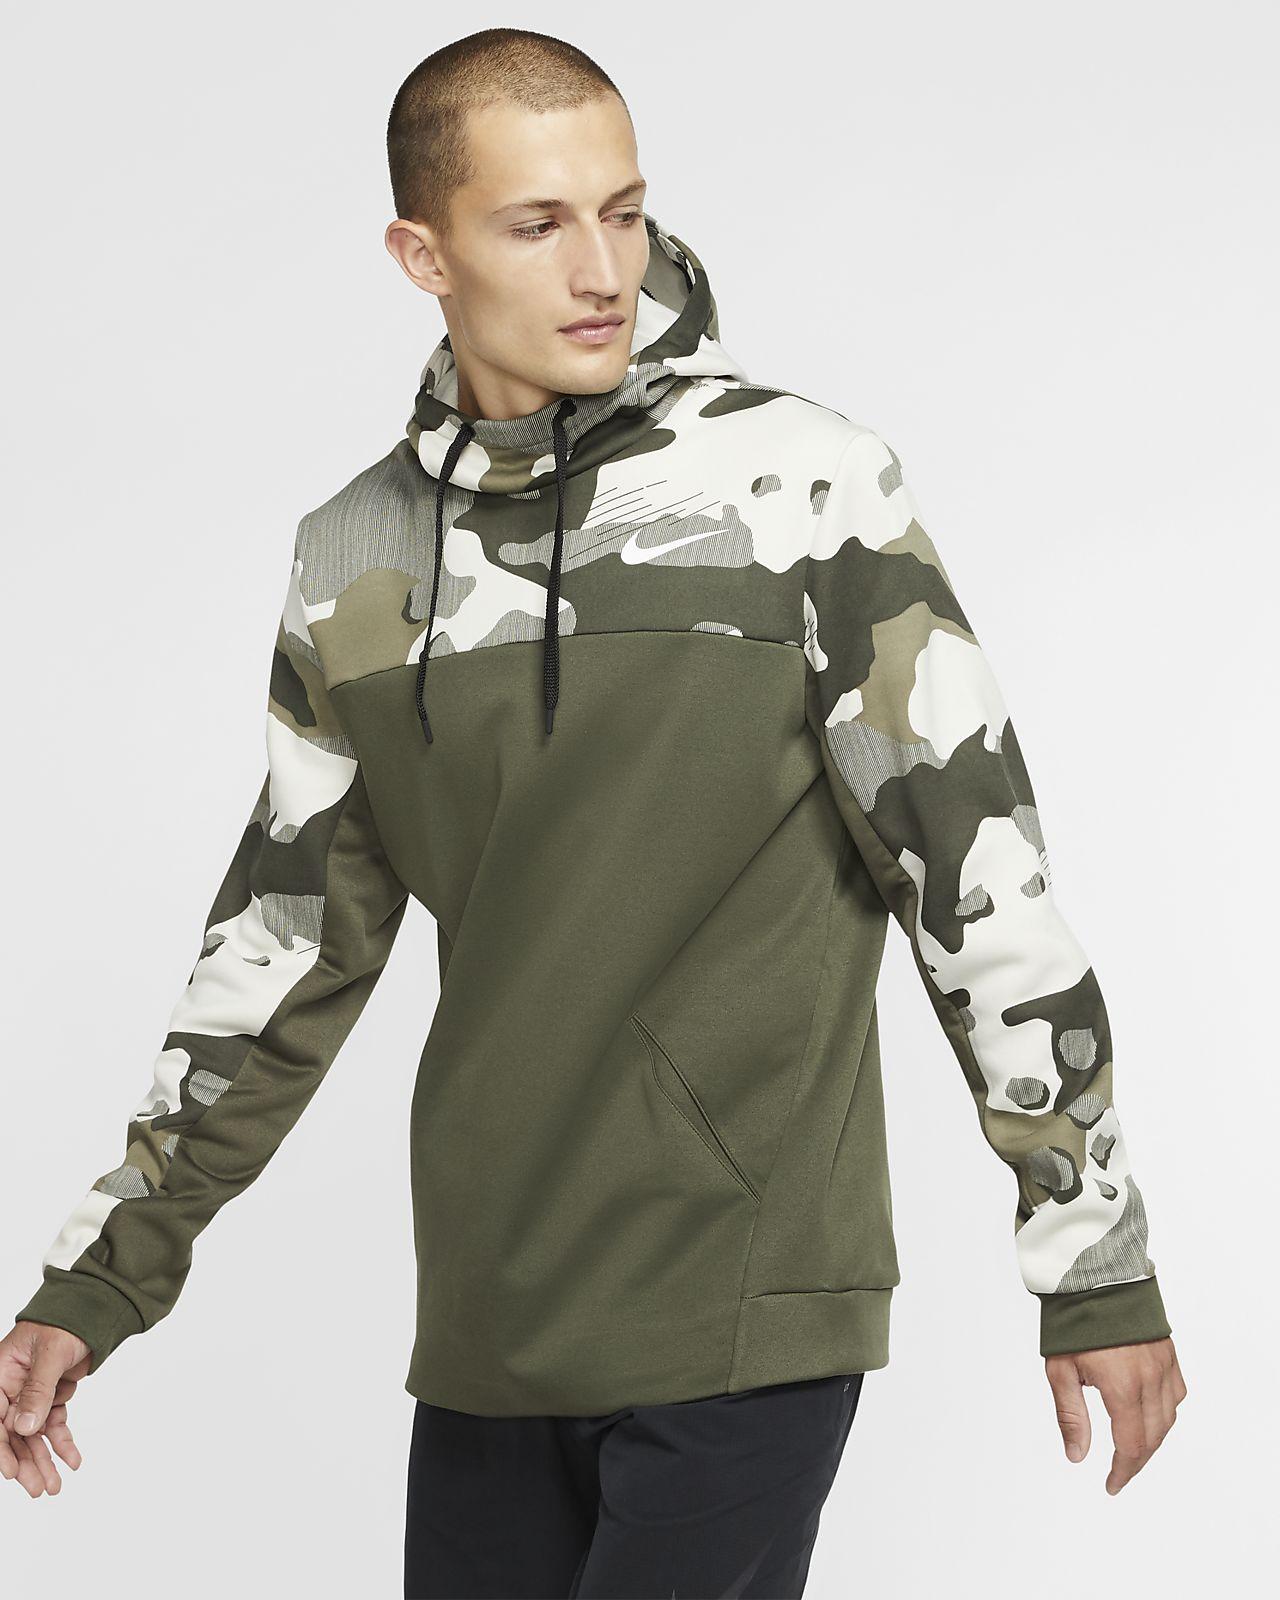 Felpa da training pullover con cappuccio Nike Therma - Uomo